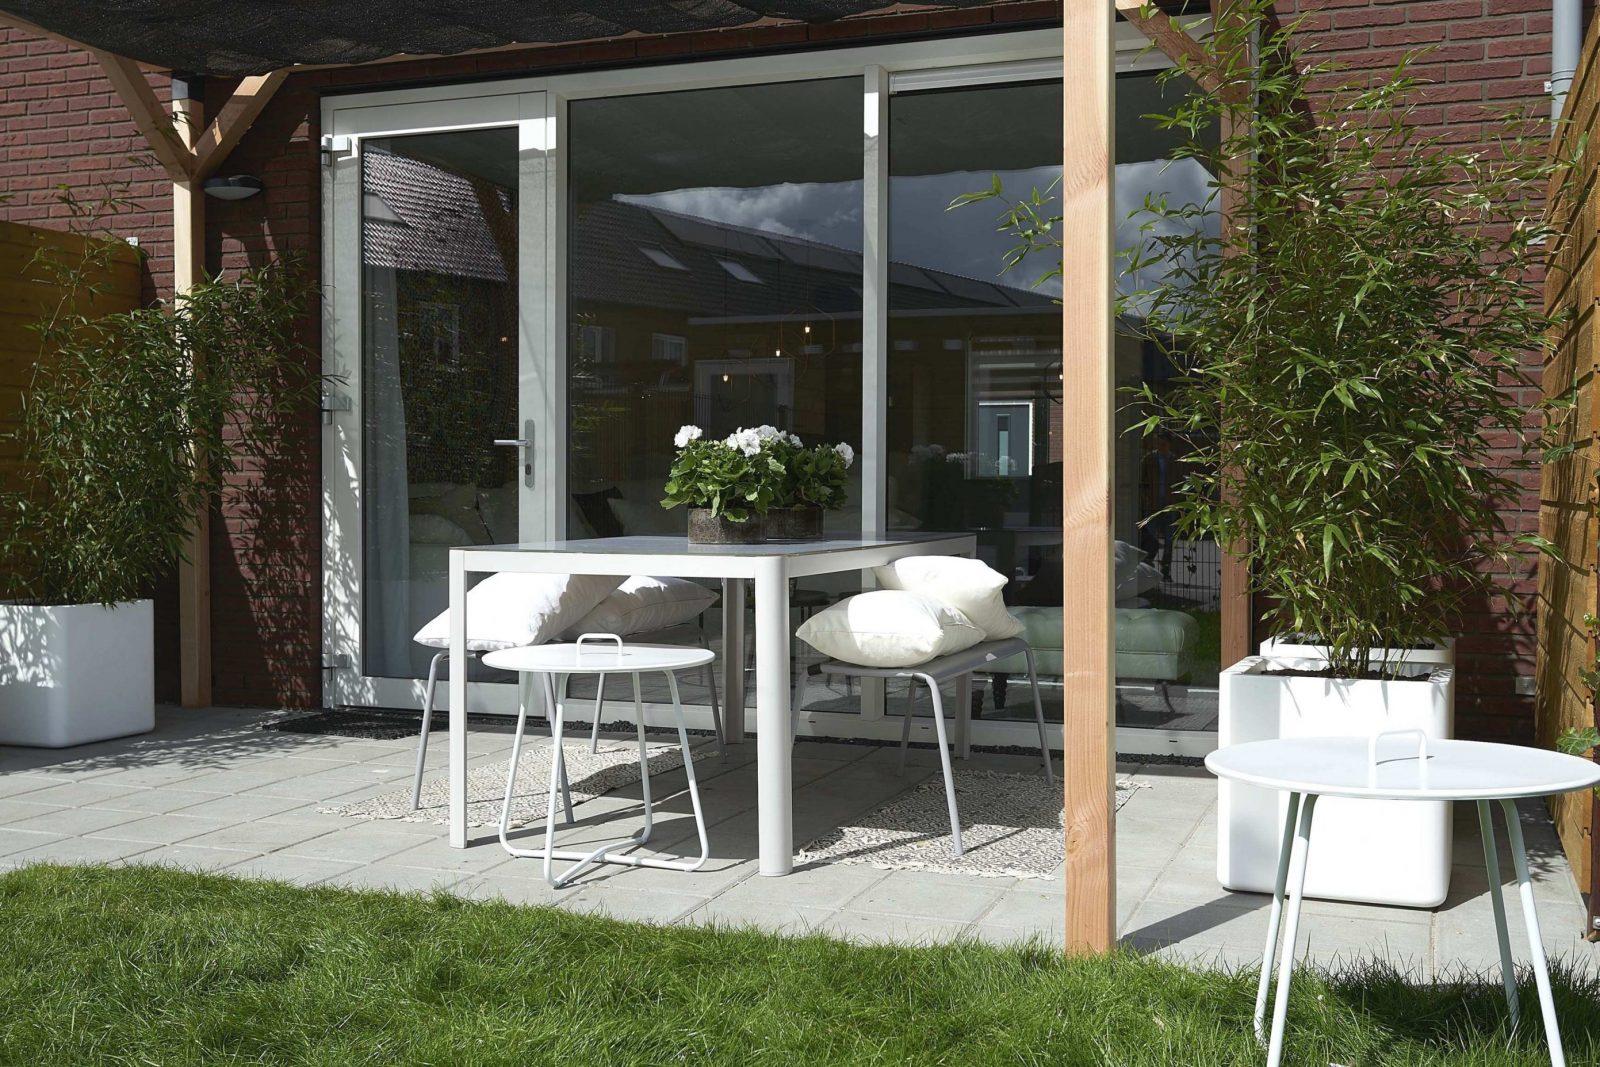 Erstaunlich Tisch Für Kleinen Balkon Ausstatten Ihr Gemütlich Für von Tisch Für Kleinen Balkon Photo